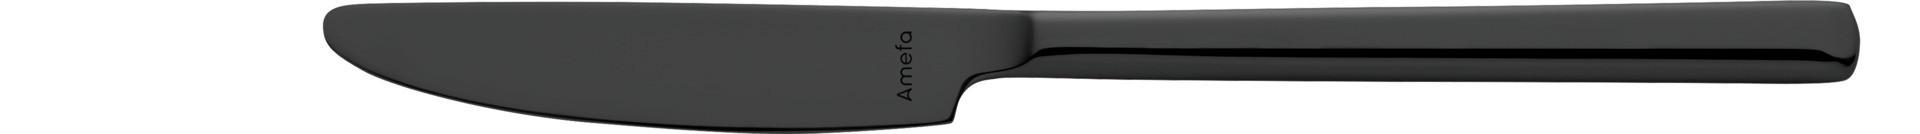 Metropole PVD, Dessertmesser Monoblock 205 mm PVD schwarz